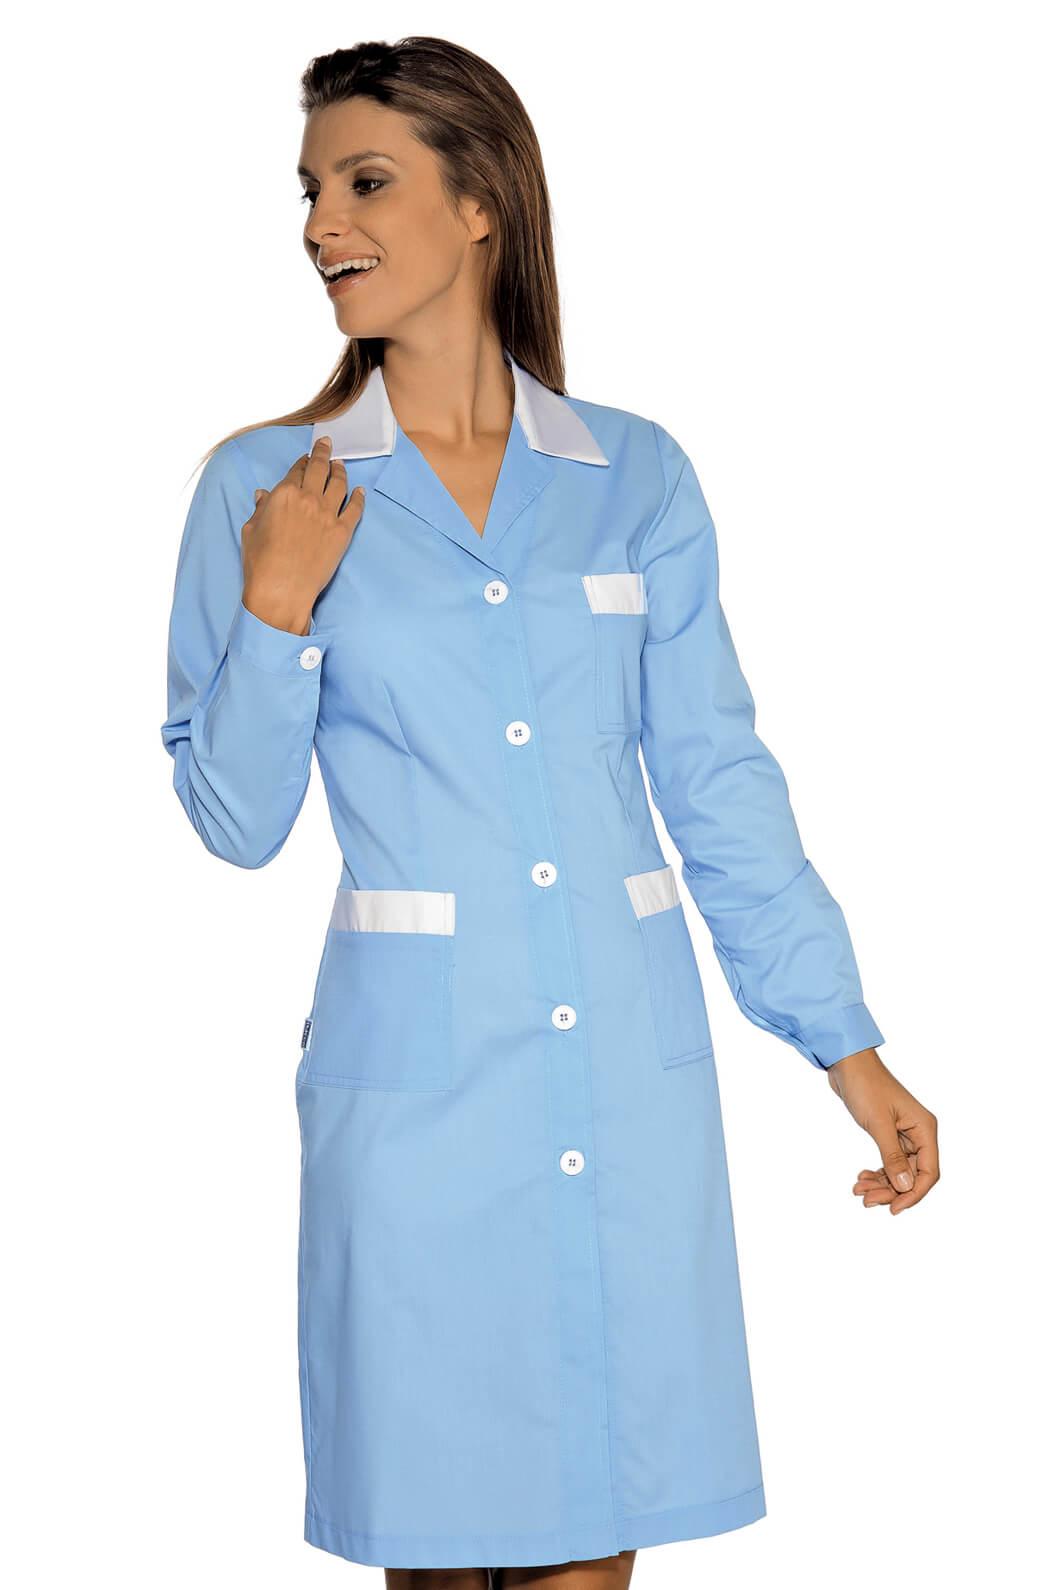 blouse de travail manches longues positano bleu blanc. Black Bedroom Furniture Sets. Home Design Ideas